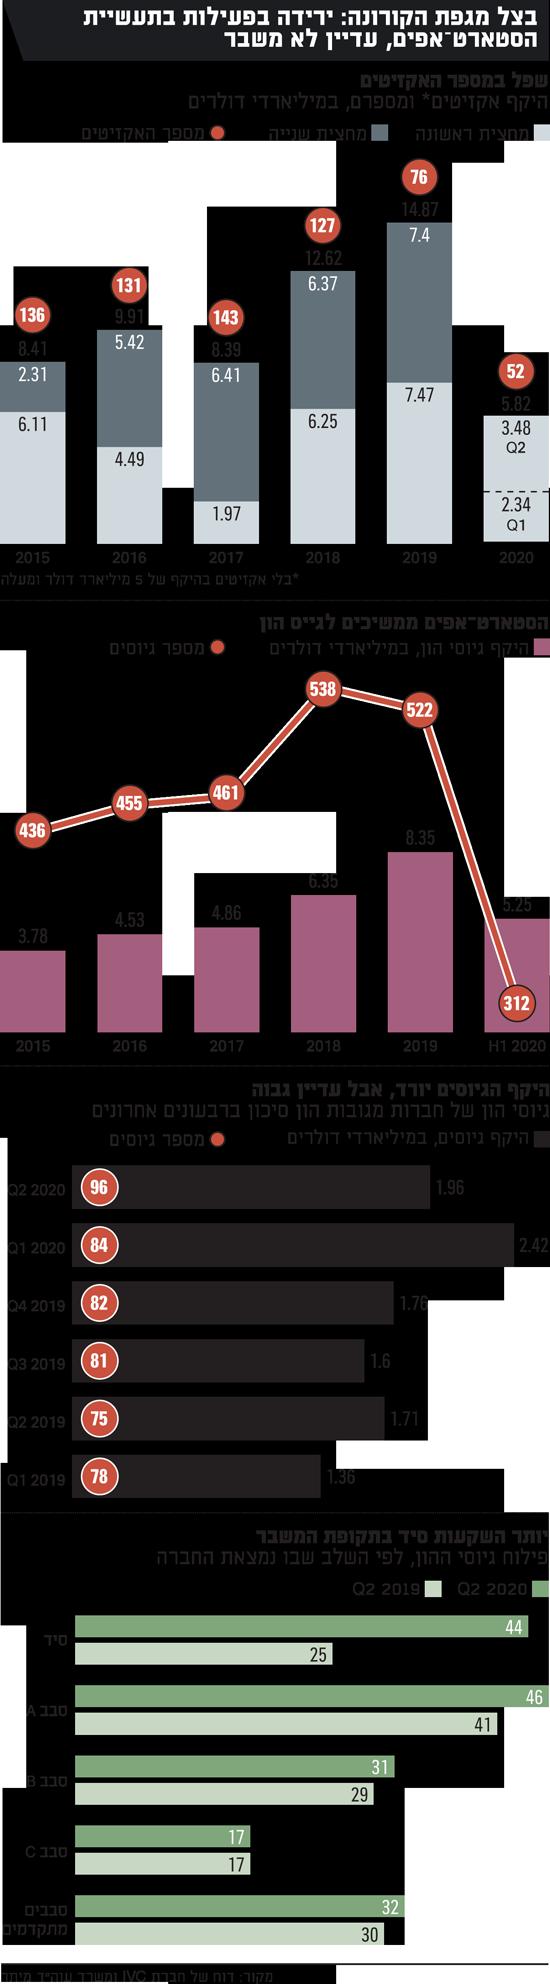 למרות מגפת הקורונה ירידה בפעילות בתעשיית הסטארטאפים, עדיין לא משבר